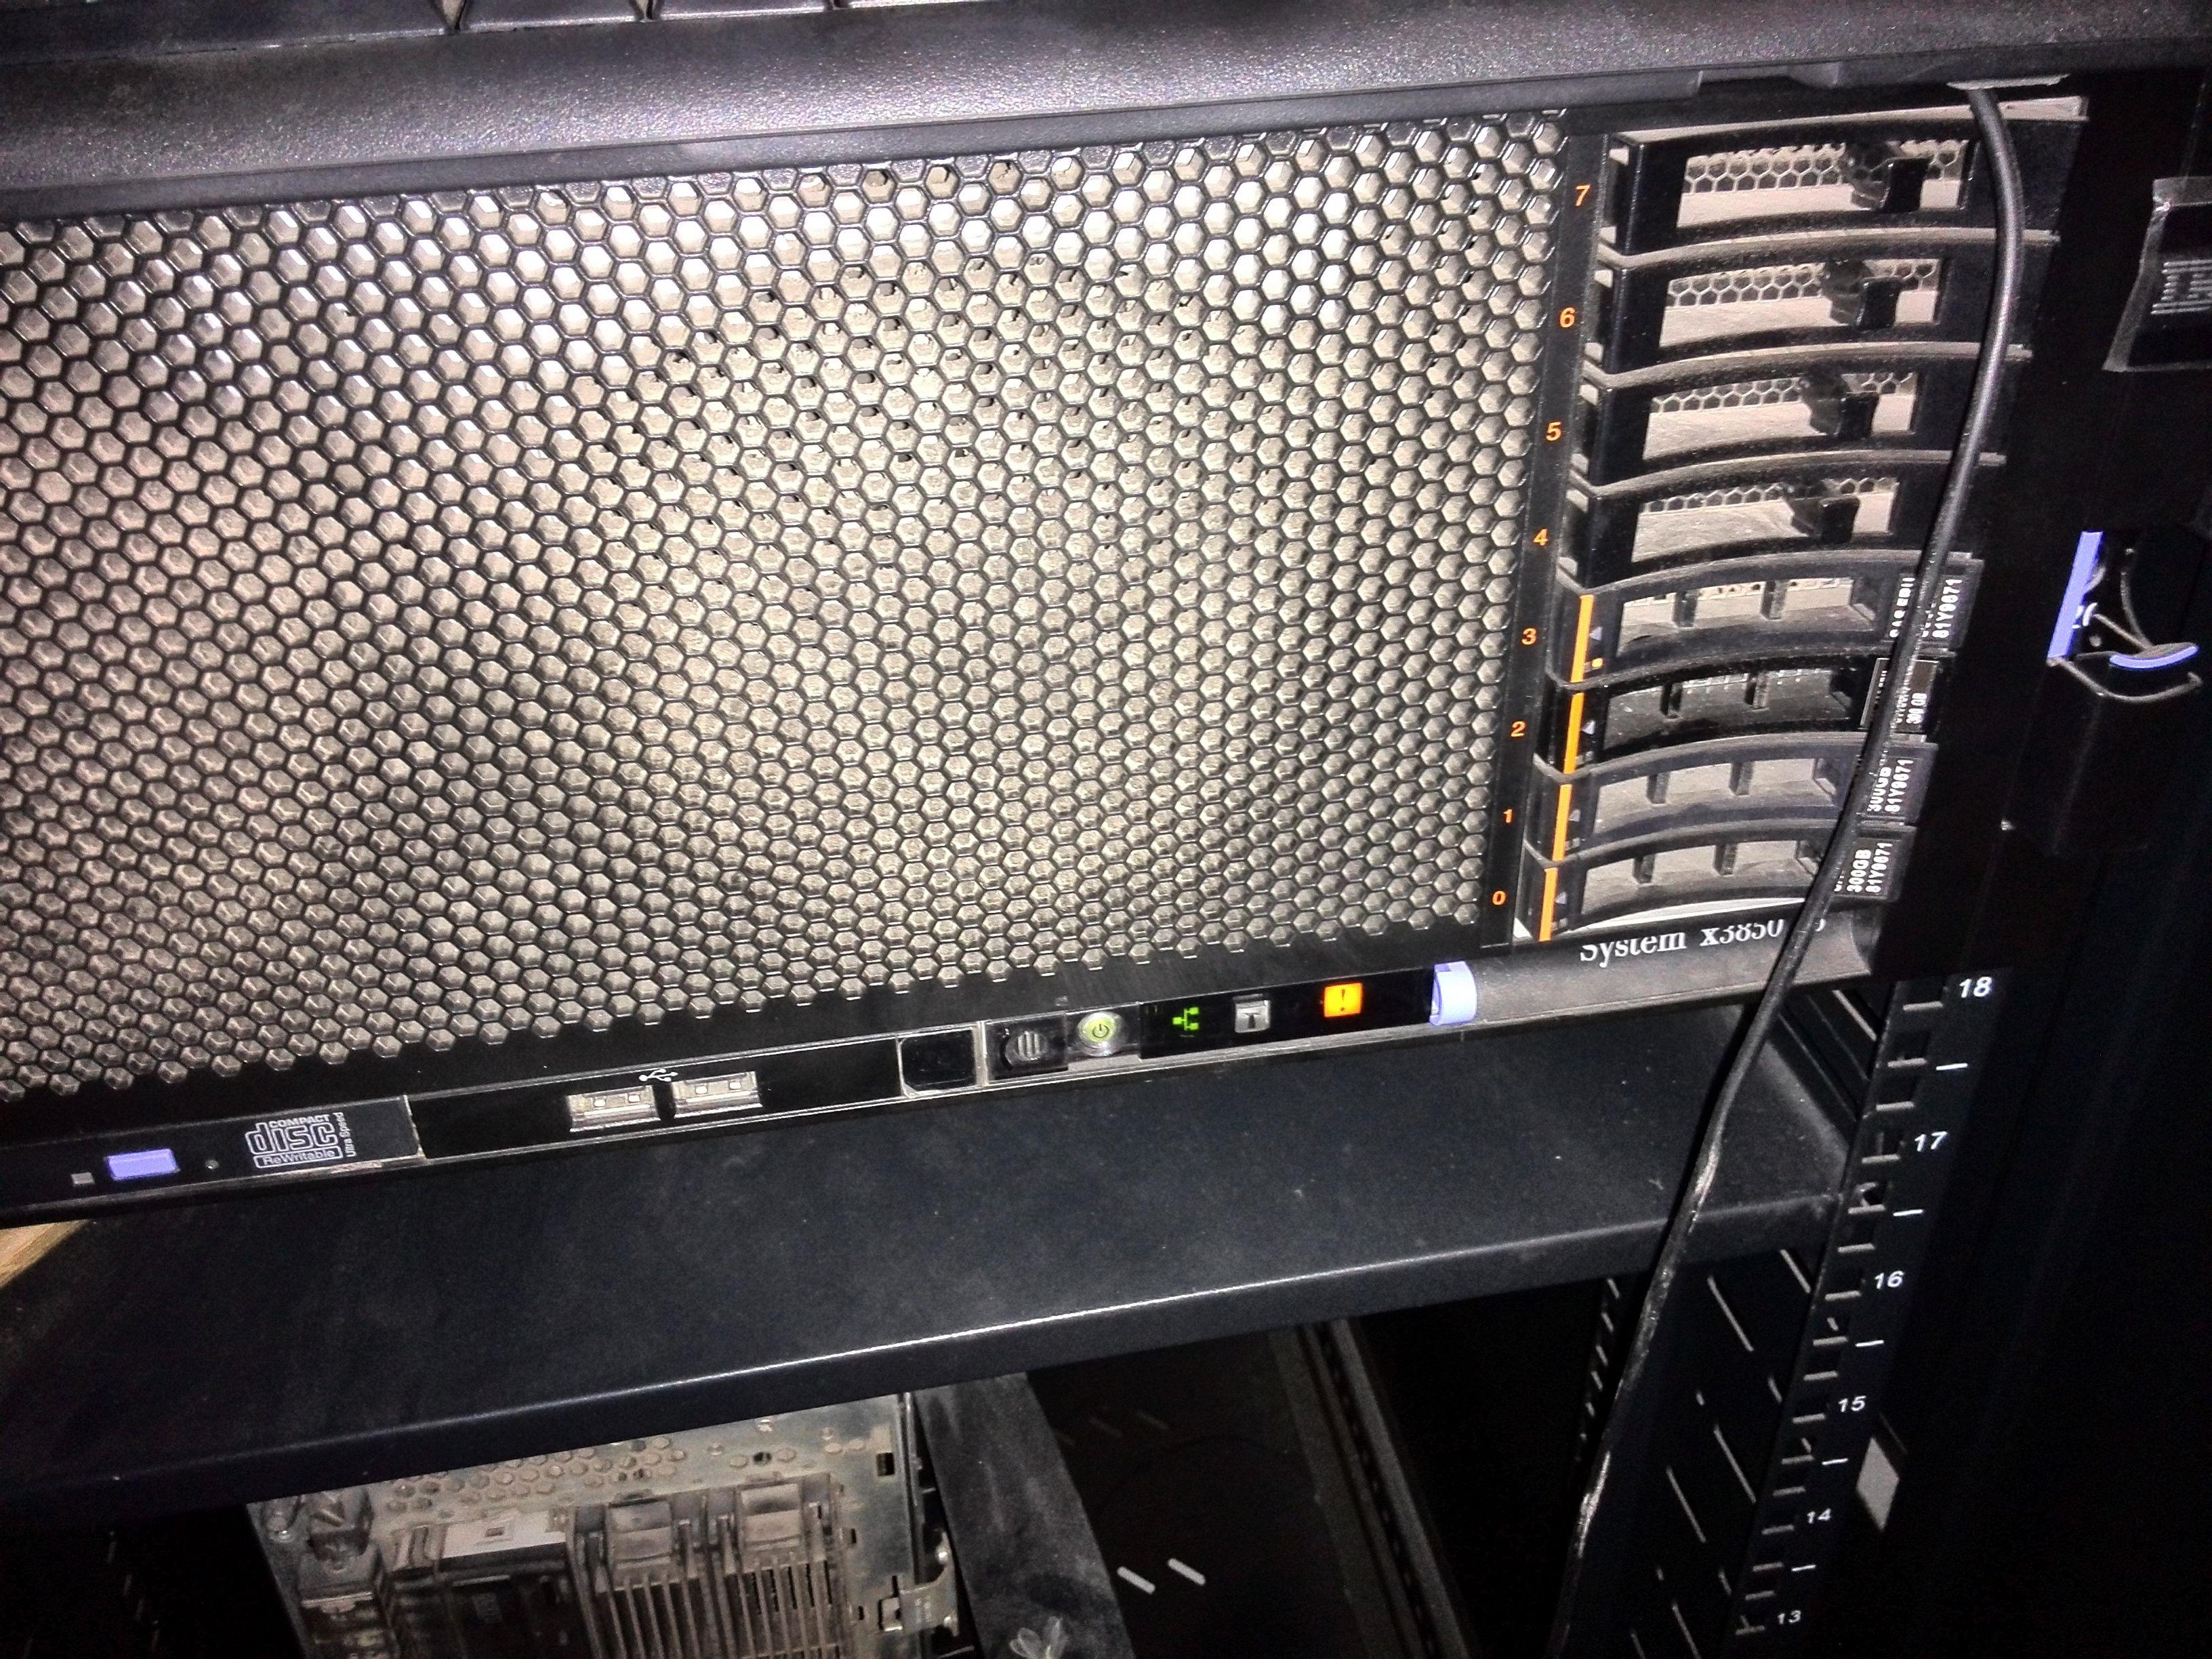 ibm服务器黄灯,黄叹风神常亮是故障?东风号灯ax5和gs4图片